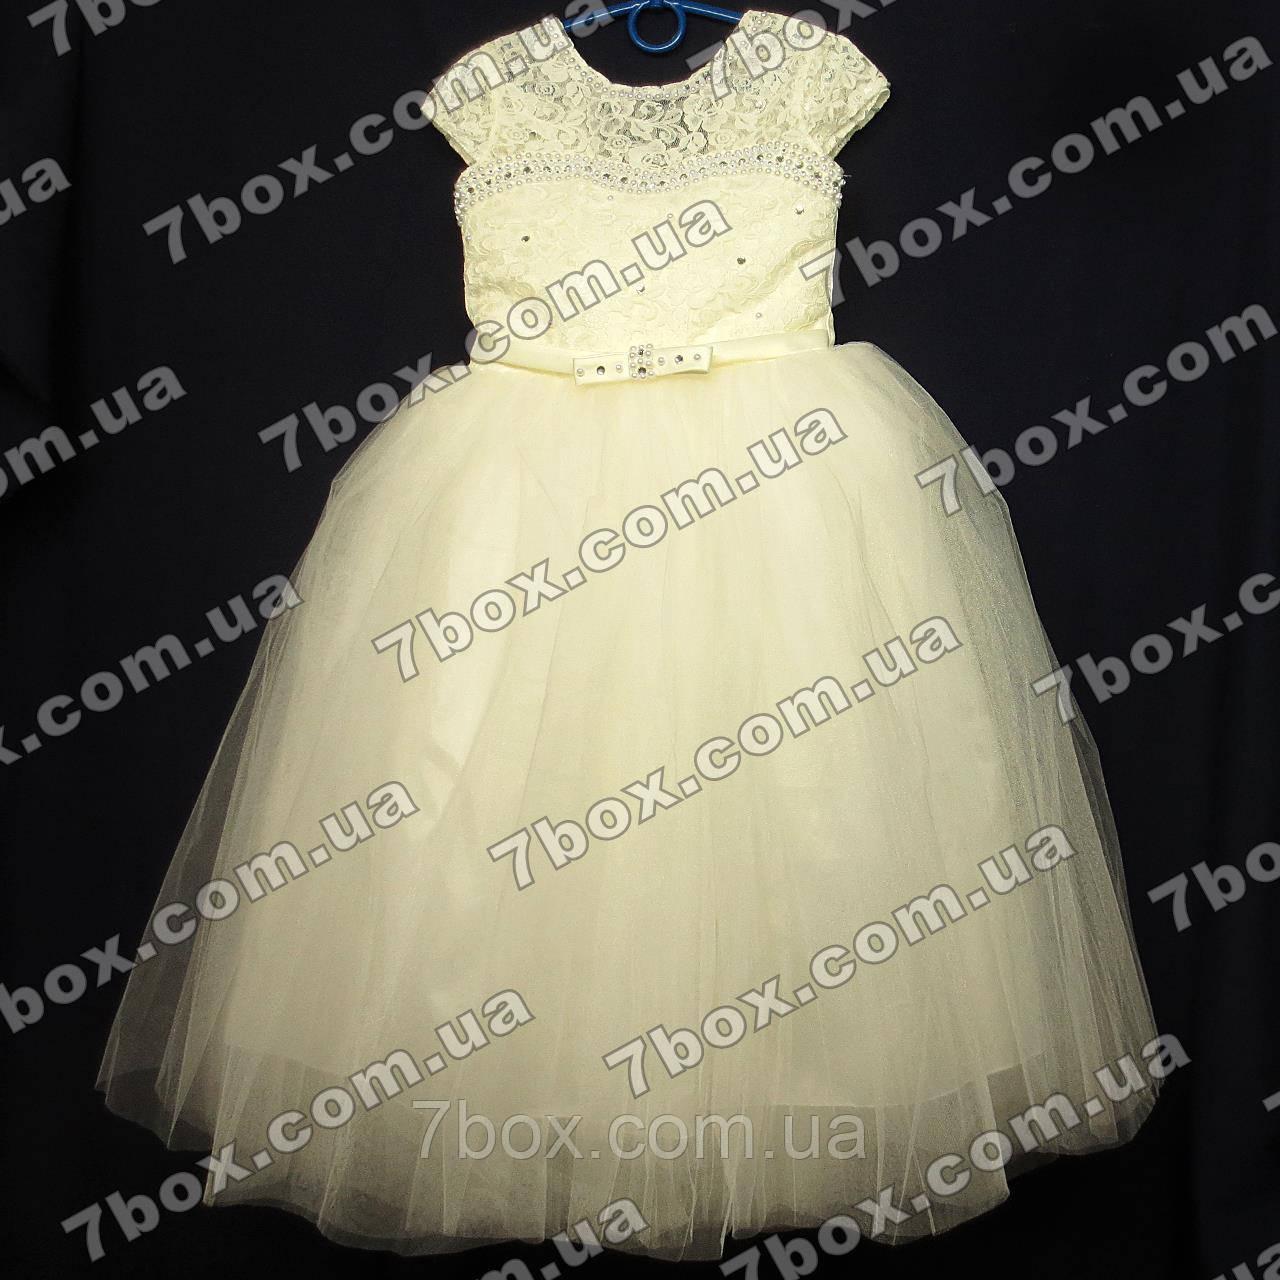 Детское нарядное платье бальное Бэль (молочное) Возраст 6-7 лет.